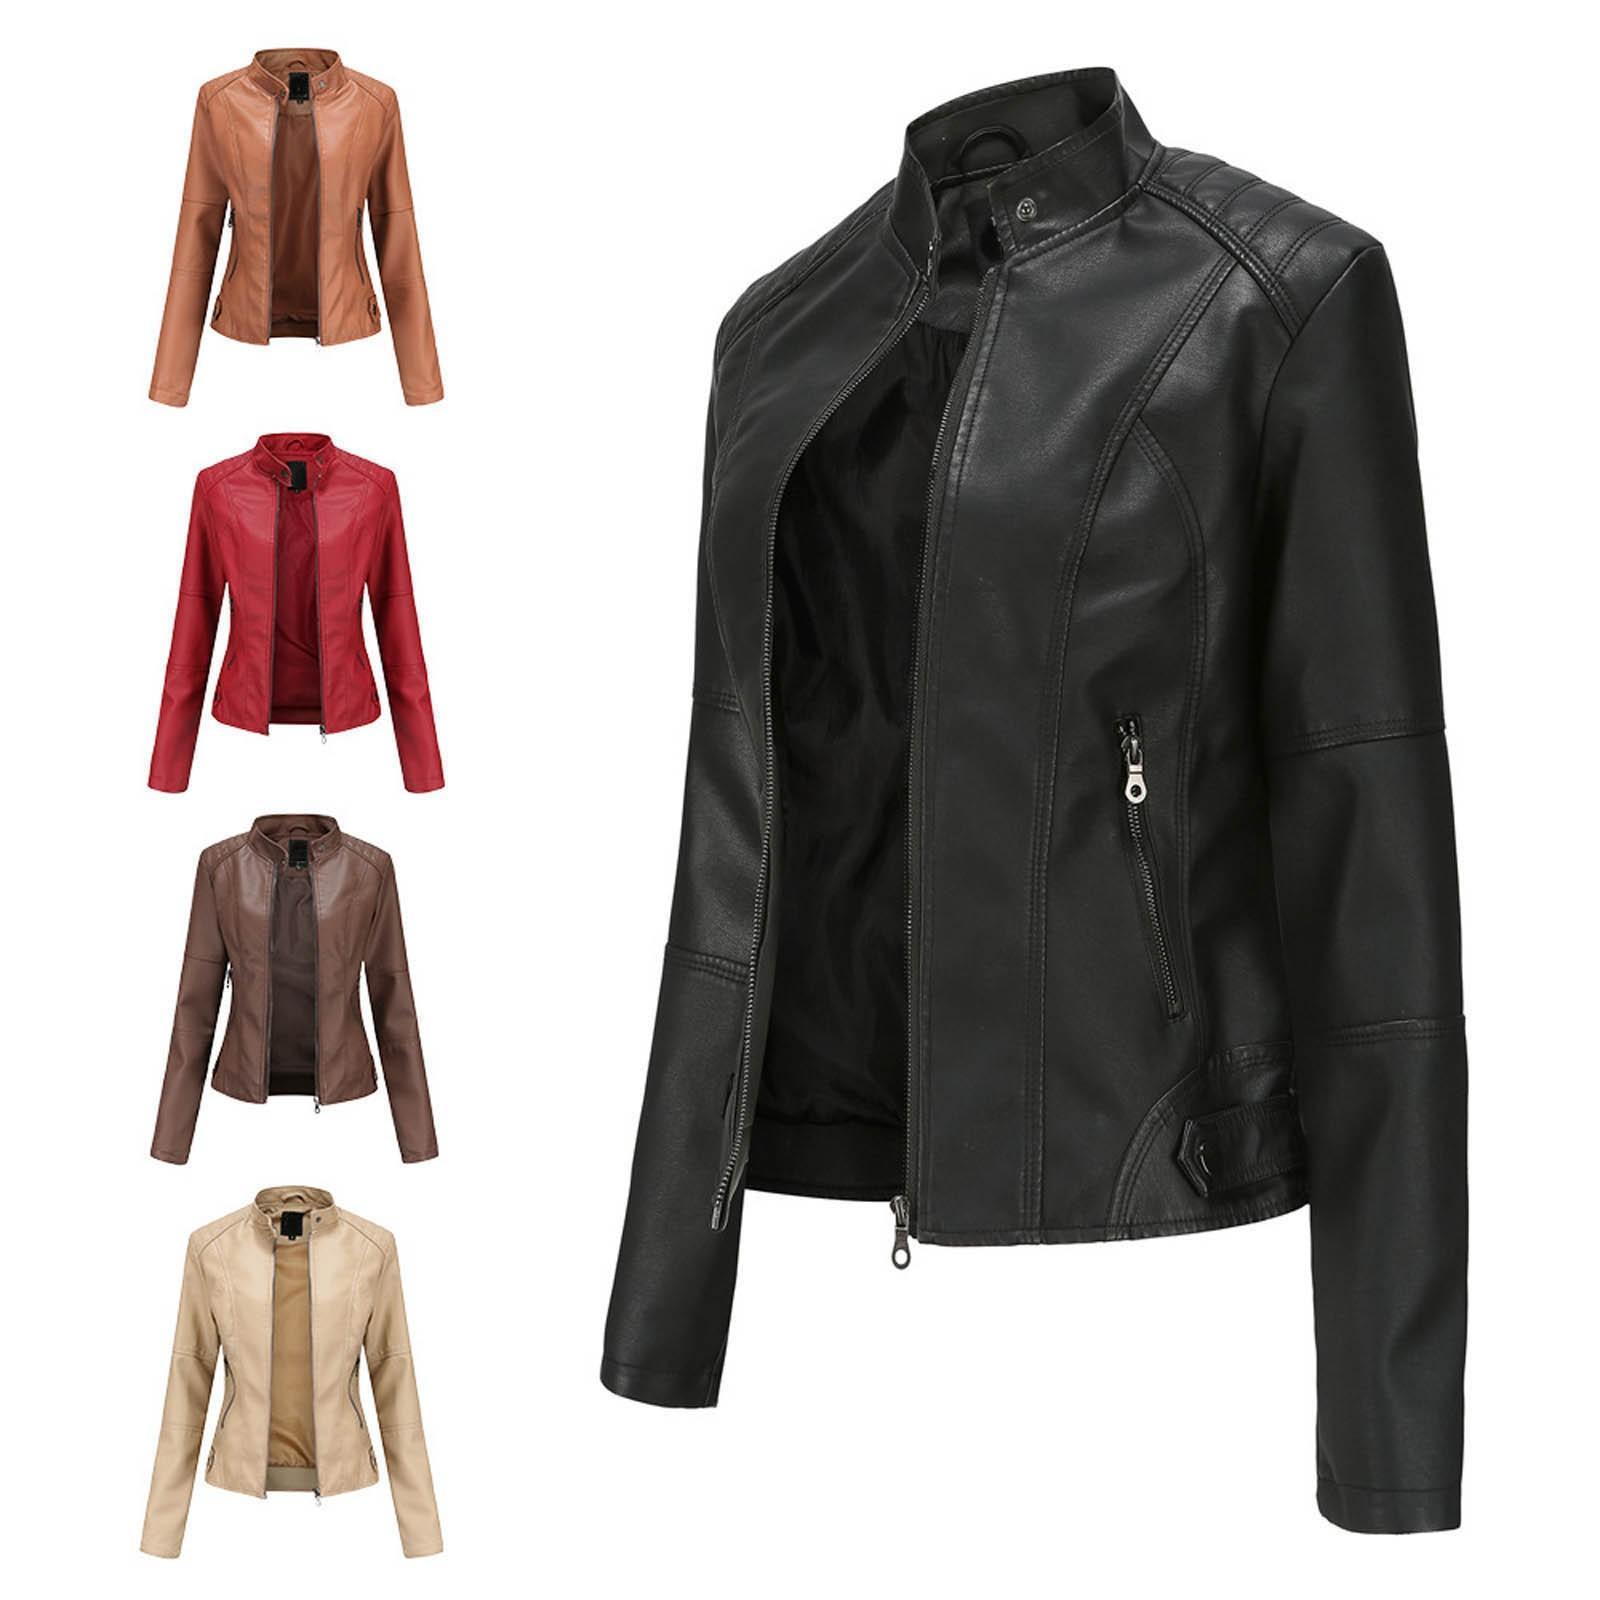 Chaqueta de cuero delgado cuello alto de la cremallera de costura Sólido Color de la camisa para mujer de la ropa de moda nuevos mujeres ??????? ??????